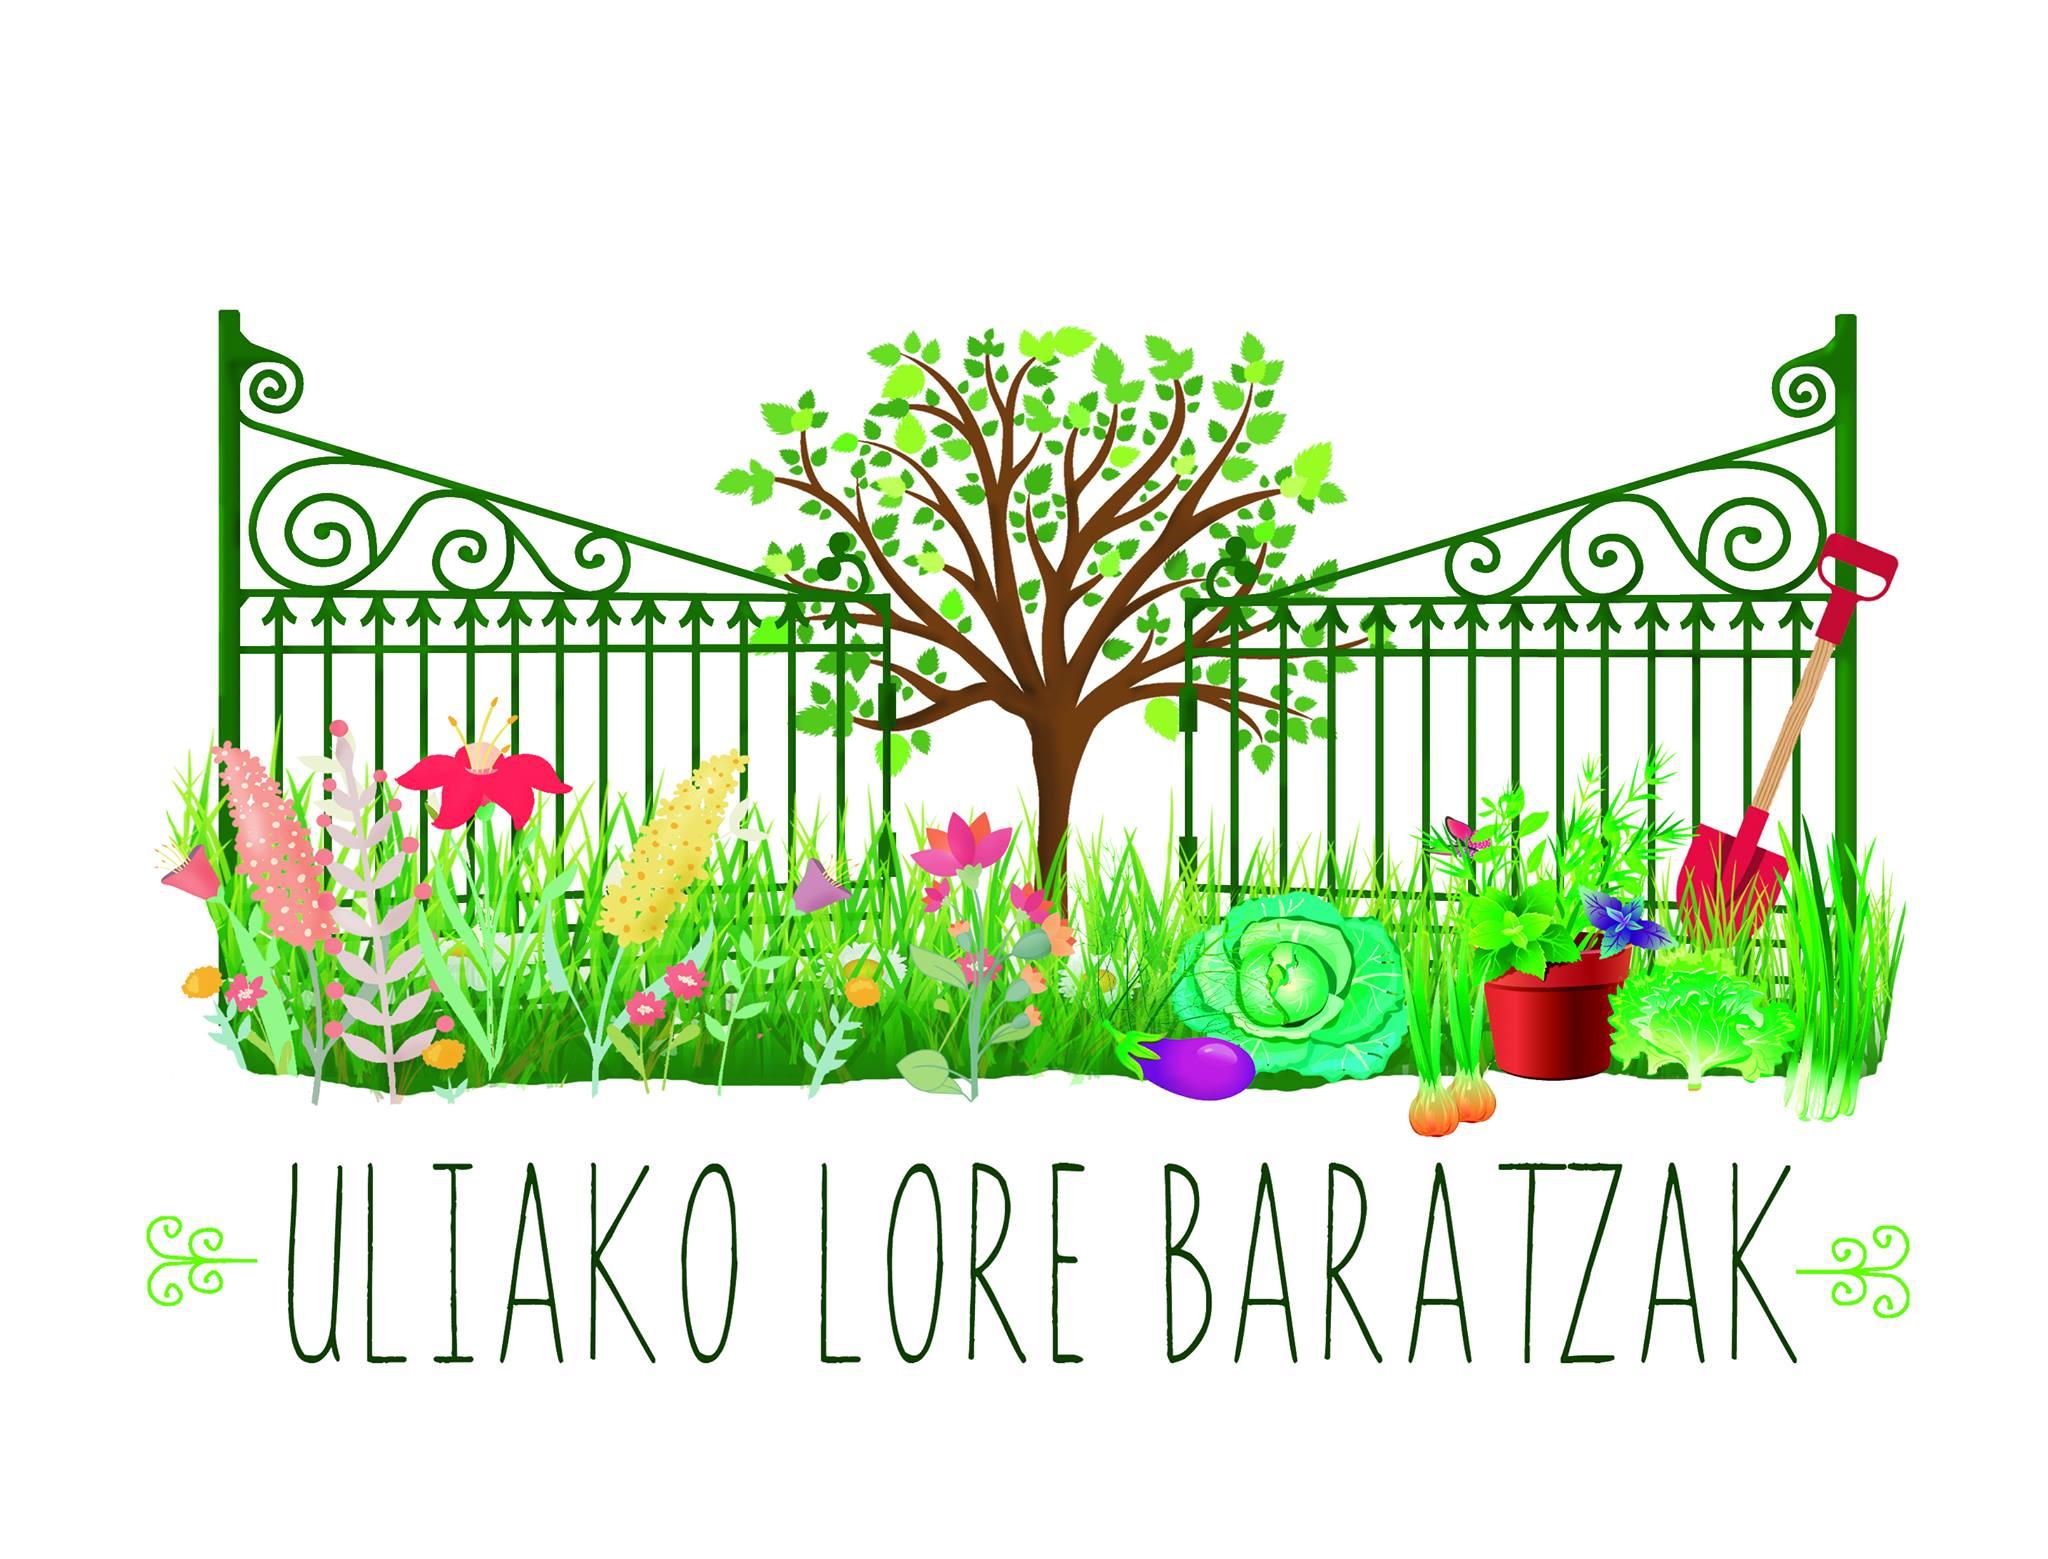 Uliako Bore-Baratzak